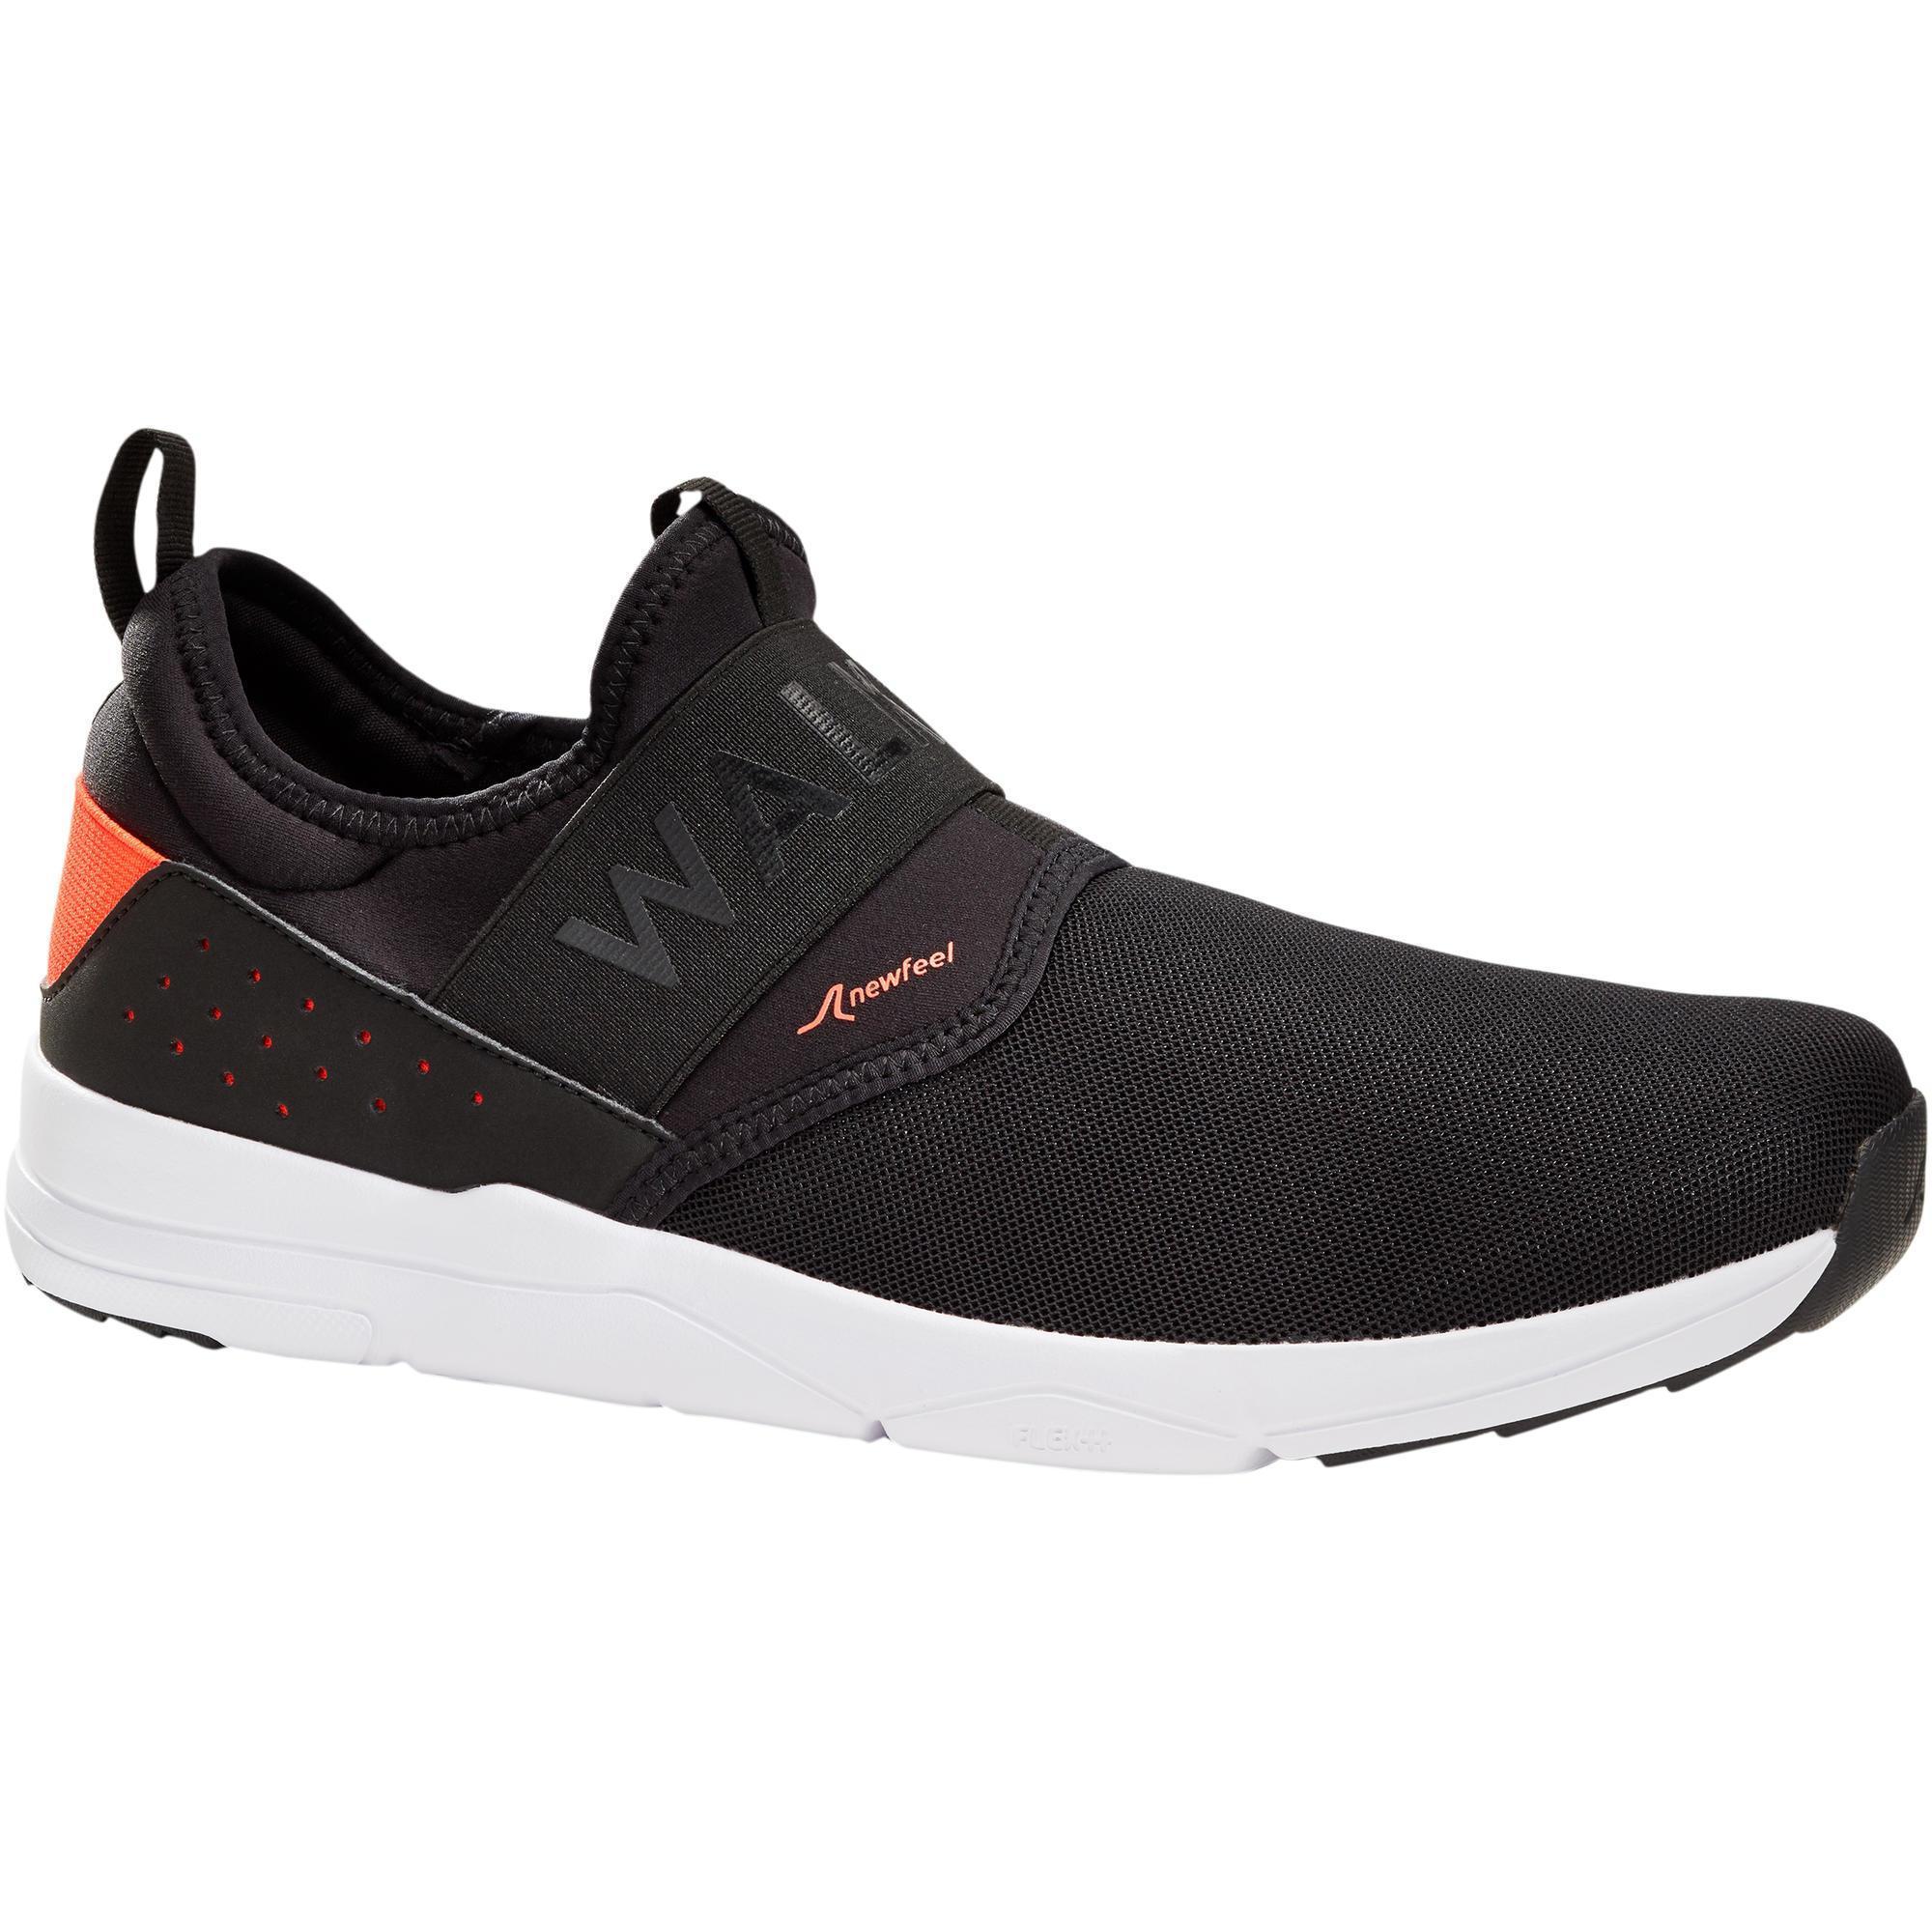 beb230295 Comprar Zapatillas de Caminar para Hombre Online | Decathlon